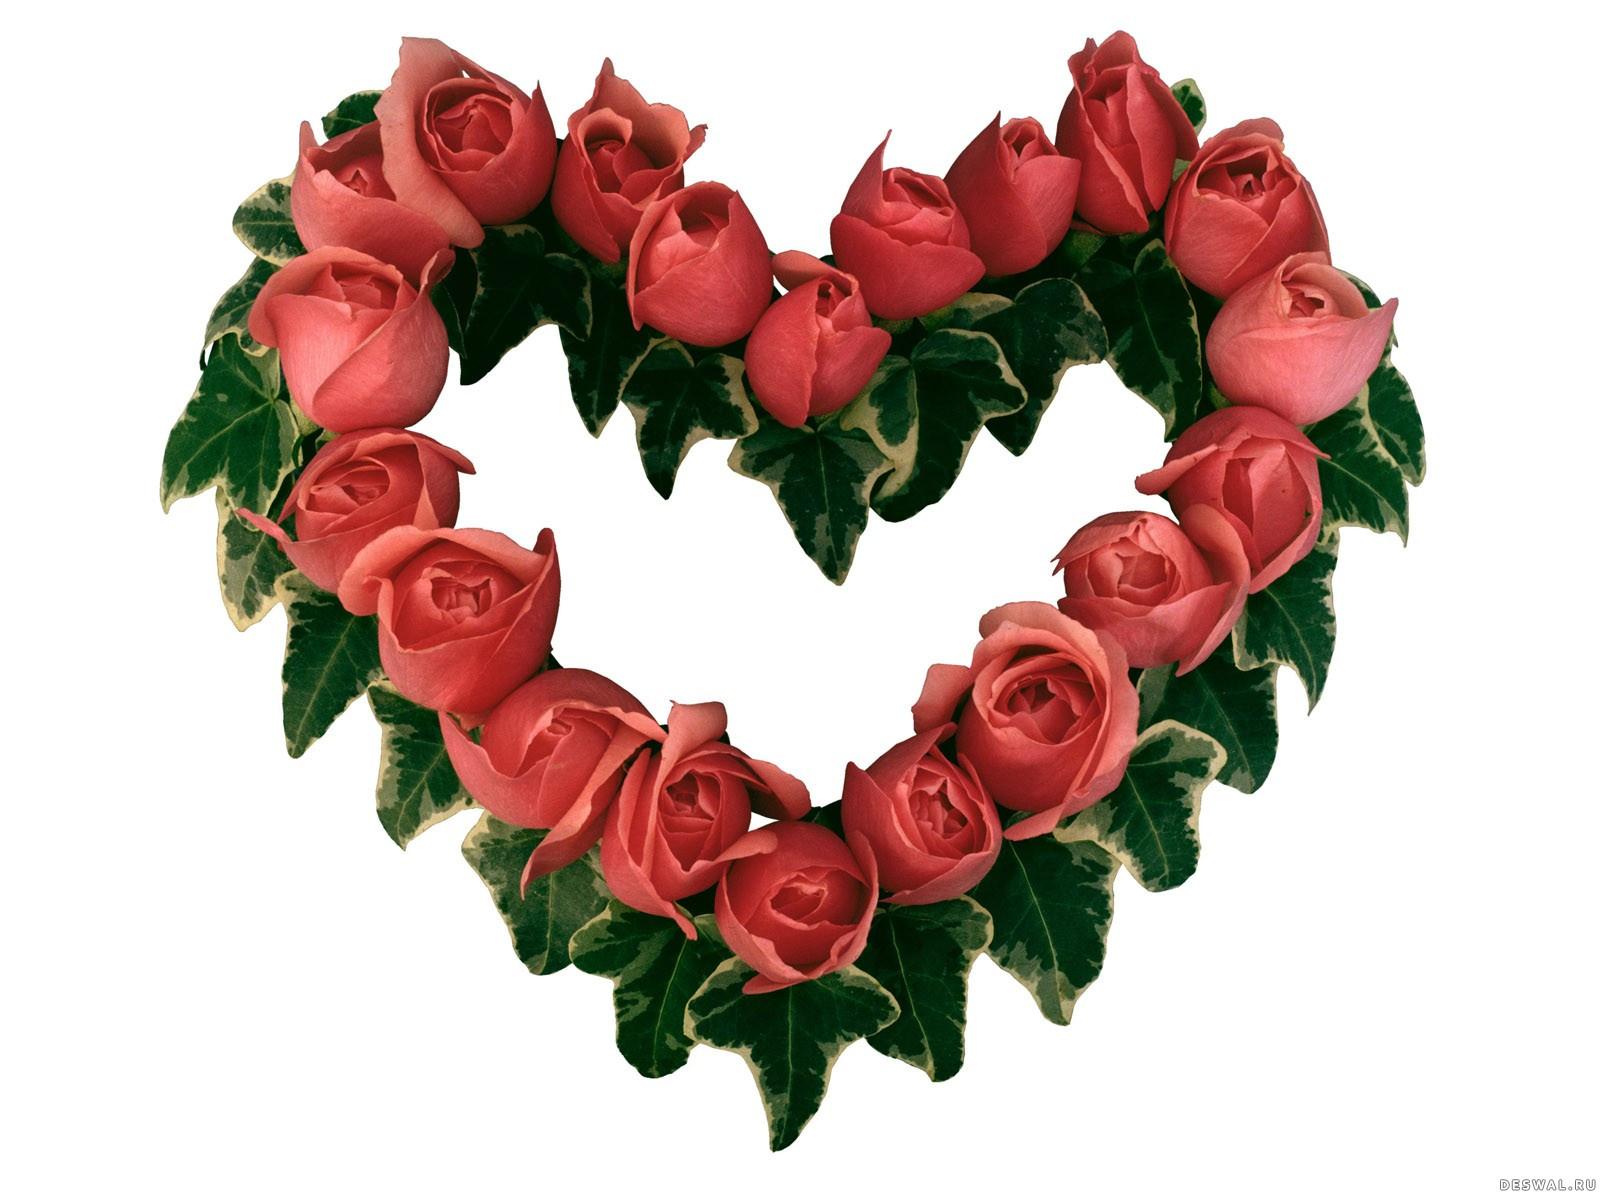 Фото 26. Нажмите на картинку с романтическими обоями - любовь, чтобы просмотреть ее в реальном размере